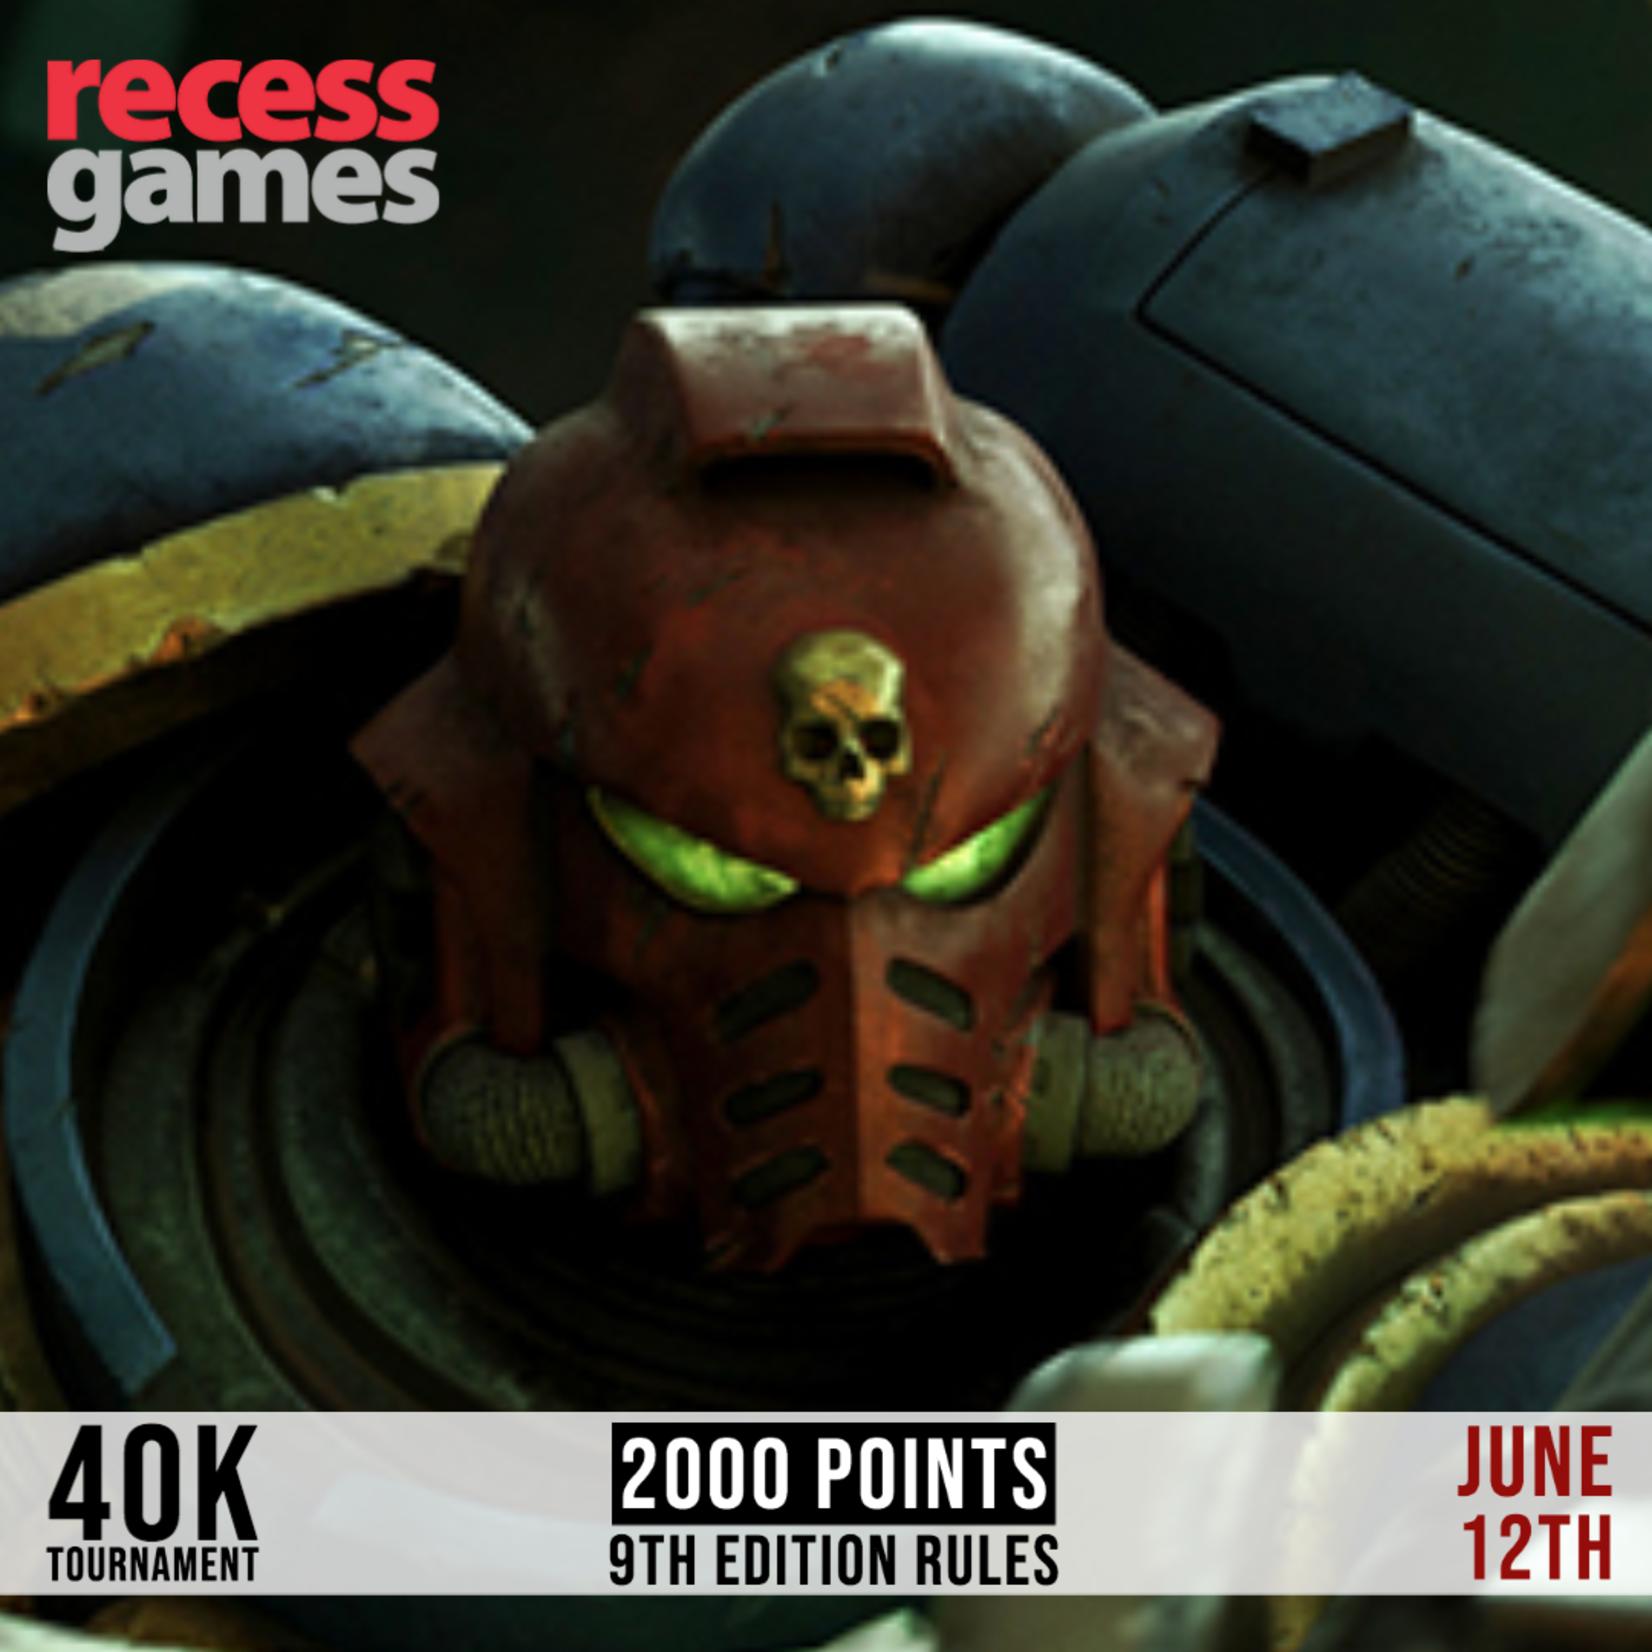 Recess 40k Tournament - June 12, 2021